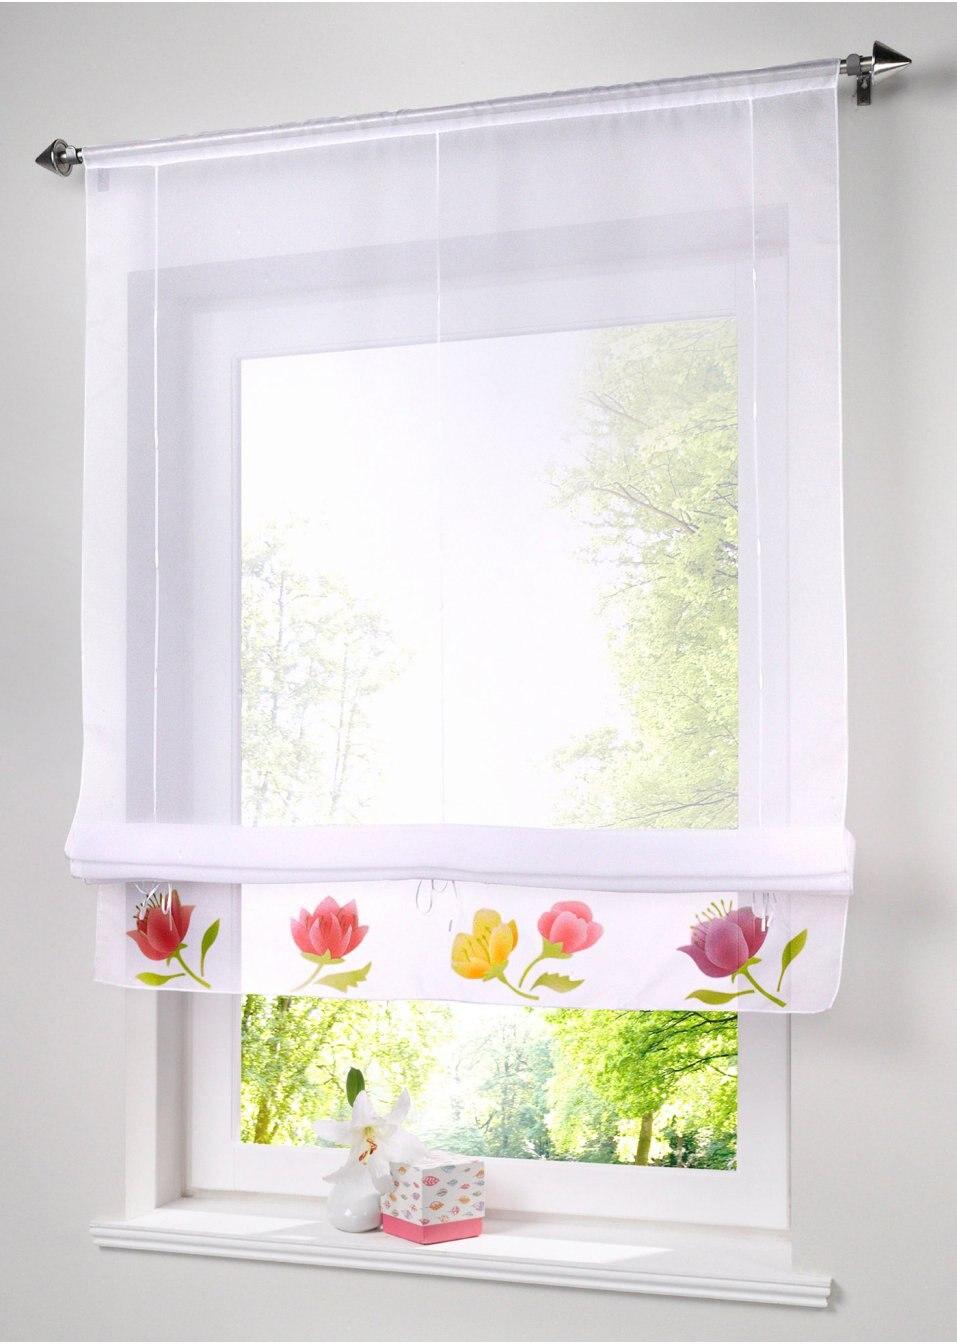 hecho a mano de la ventana persianas romanas pueden levantar voile cocina cafe